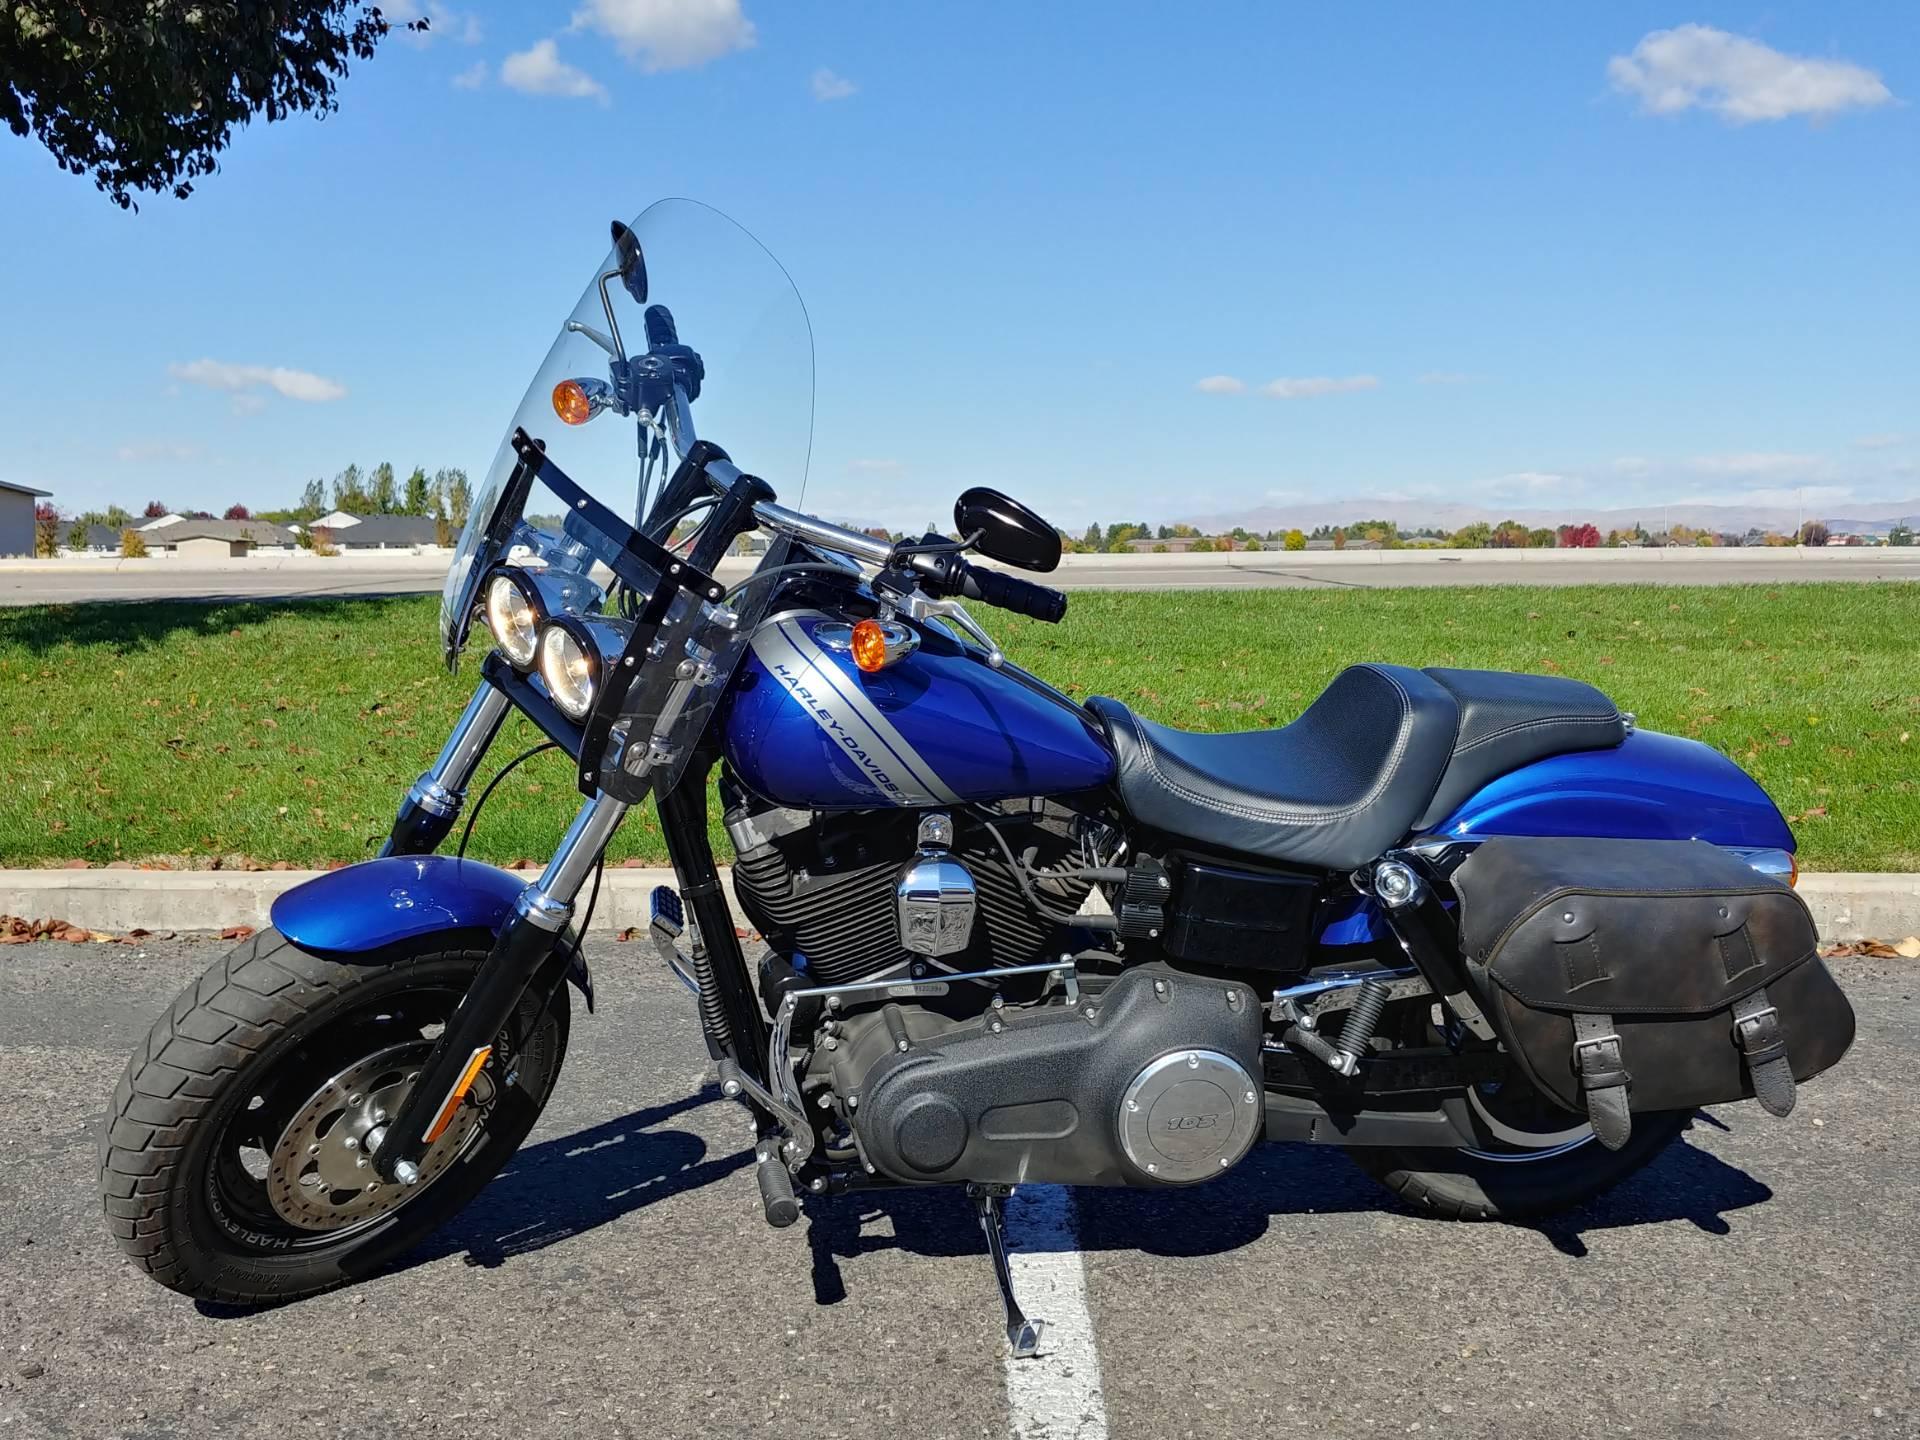 Used 2015 Harley Davidson Fat Bob Motorcycles In Meridian Id Boy Idaho